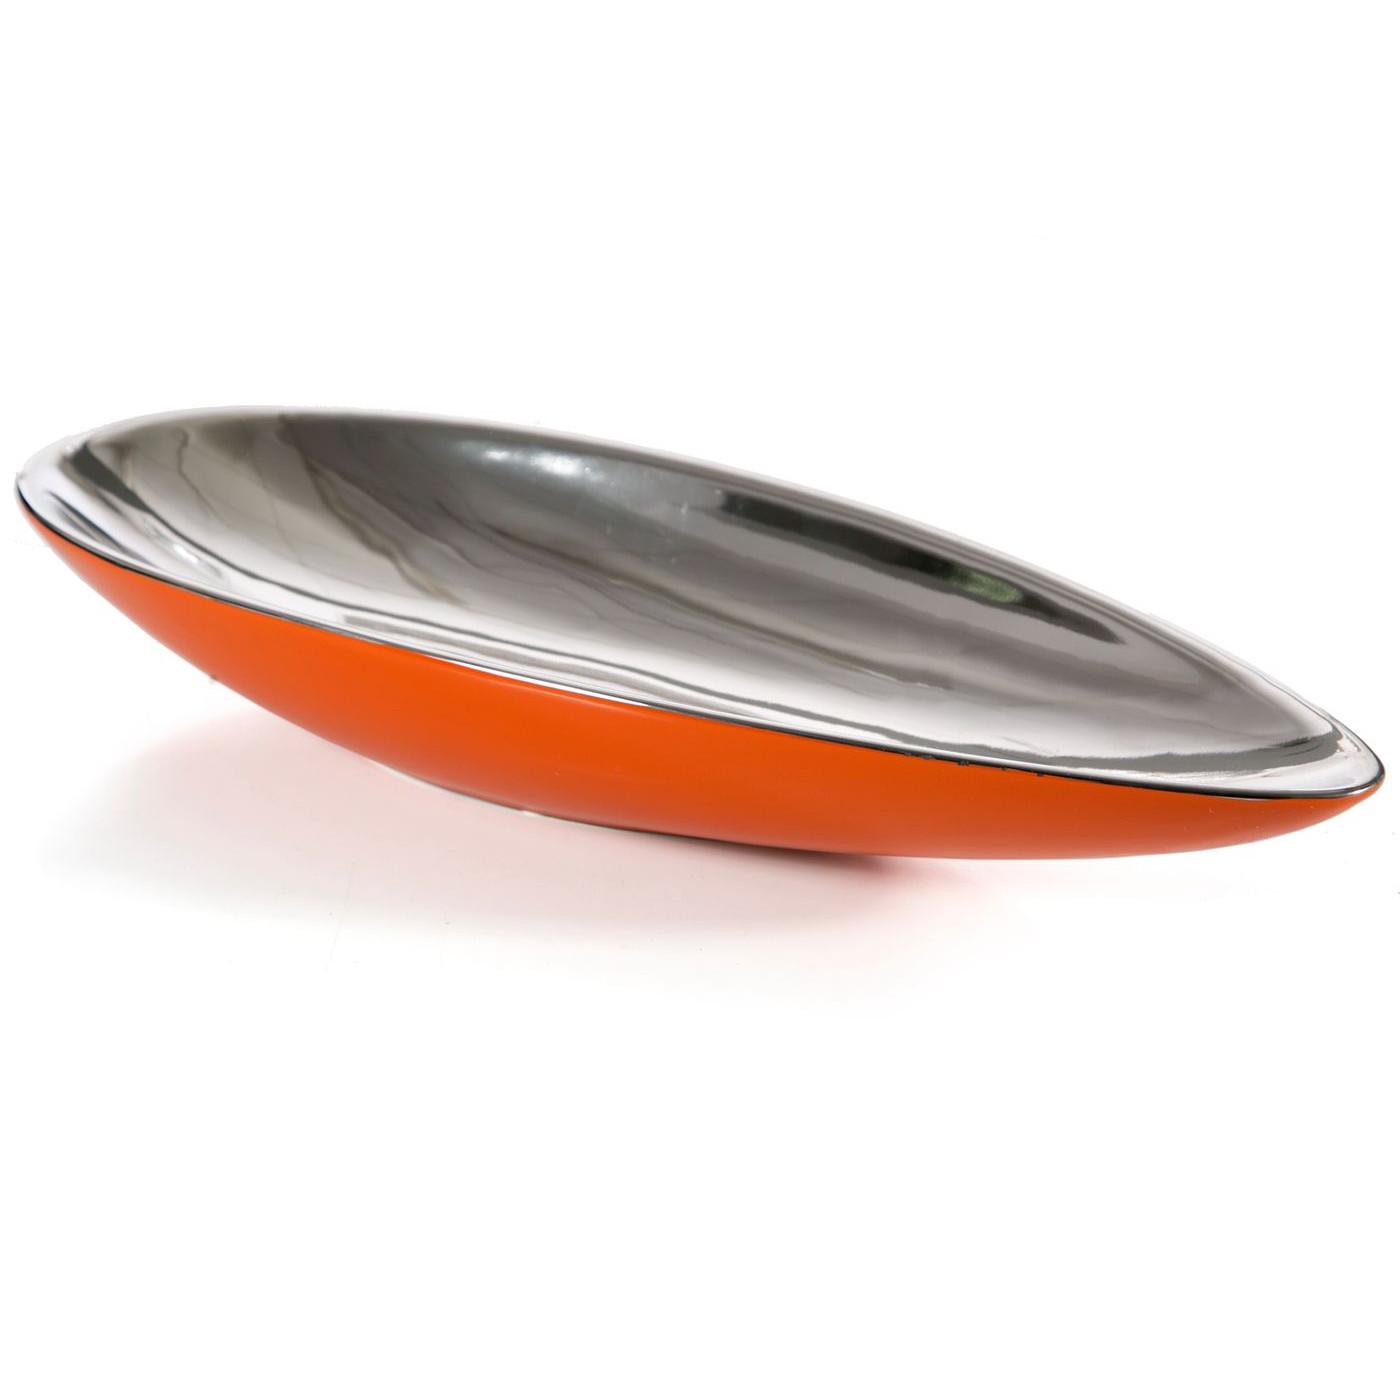 Misa ceramiczna łódka pomarańczowo-srebrna